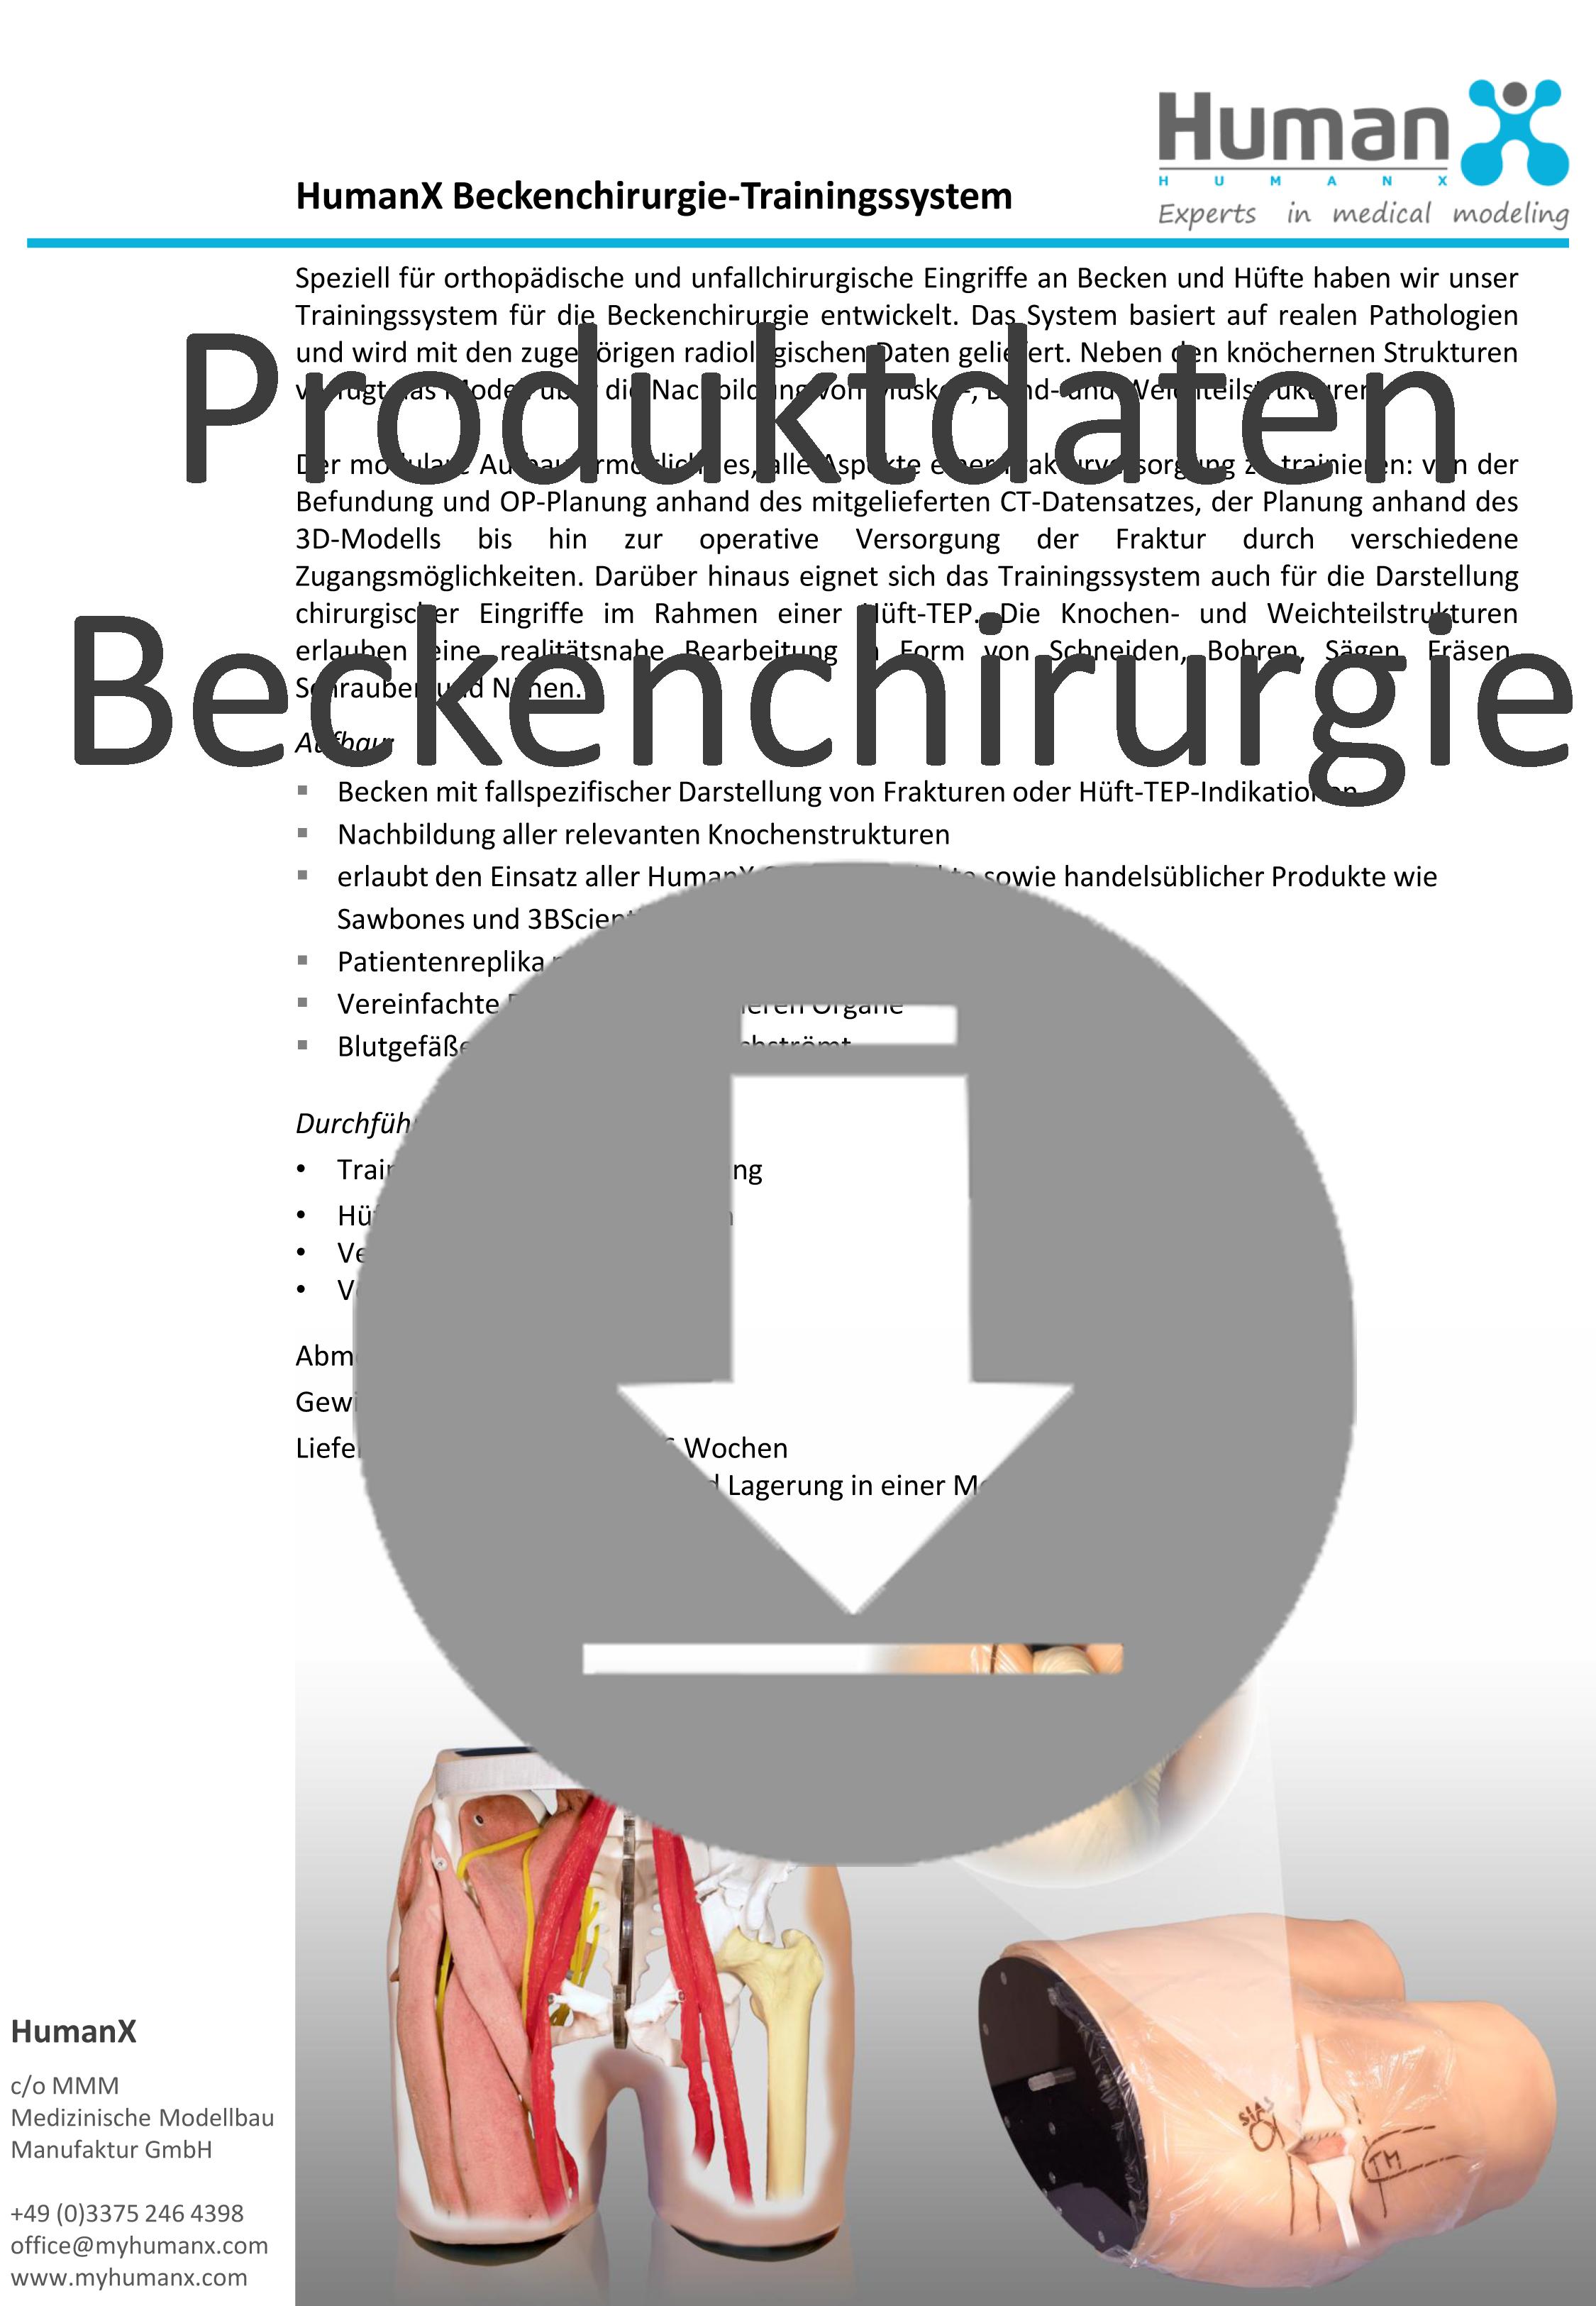 Produktdaten HumanX Beckenchirurgietrainer